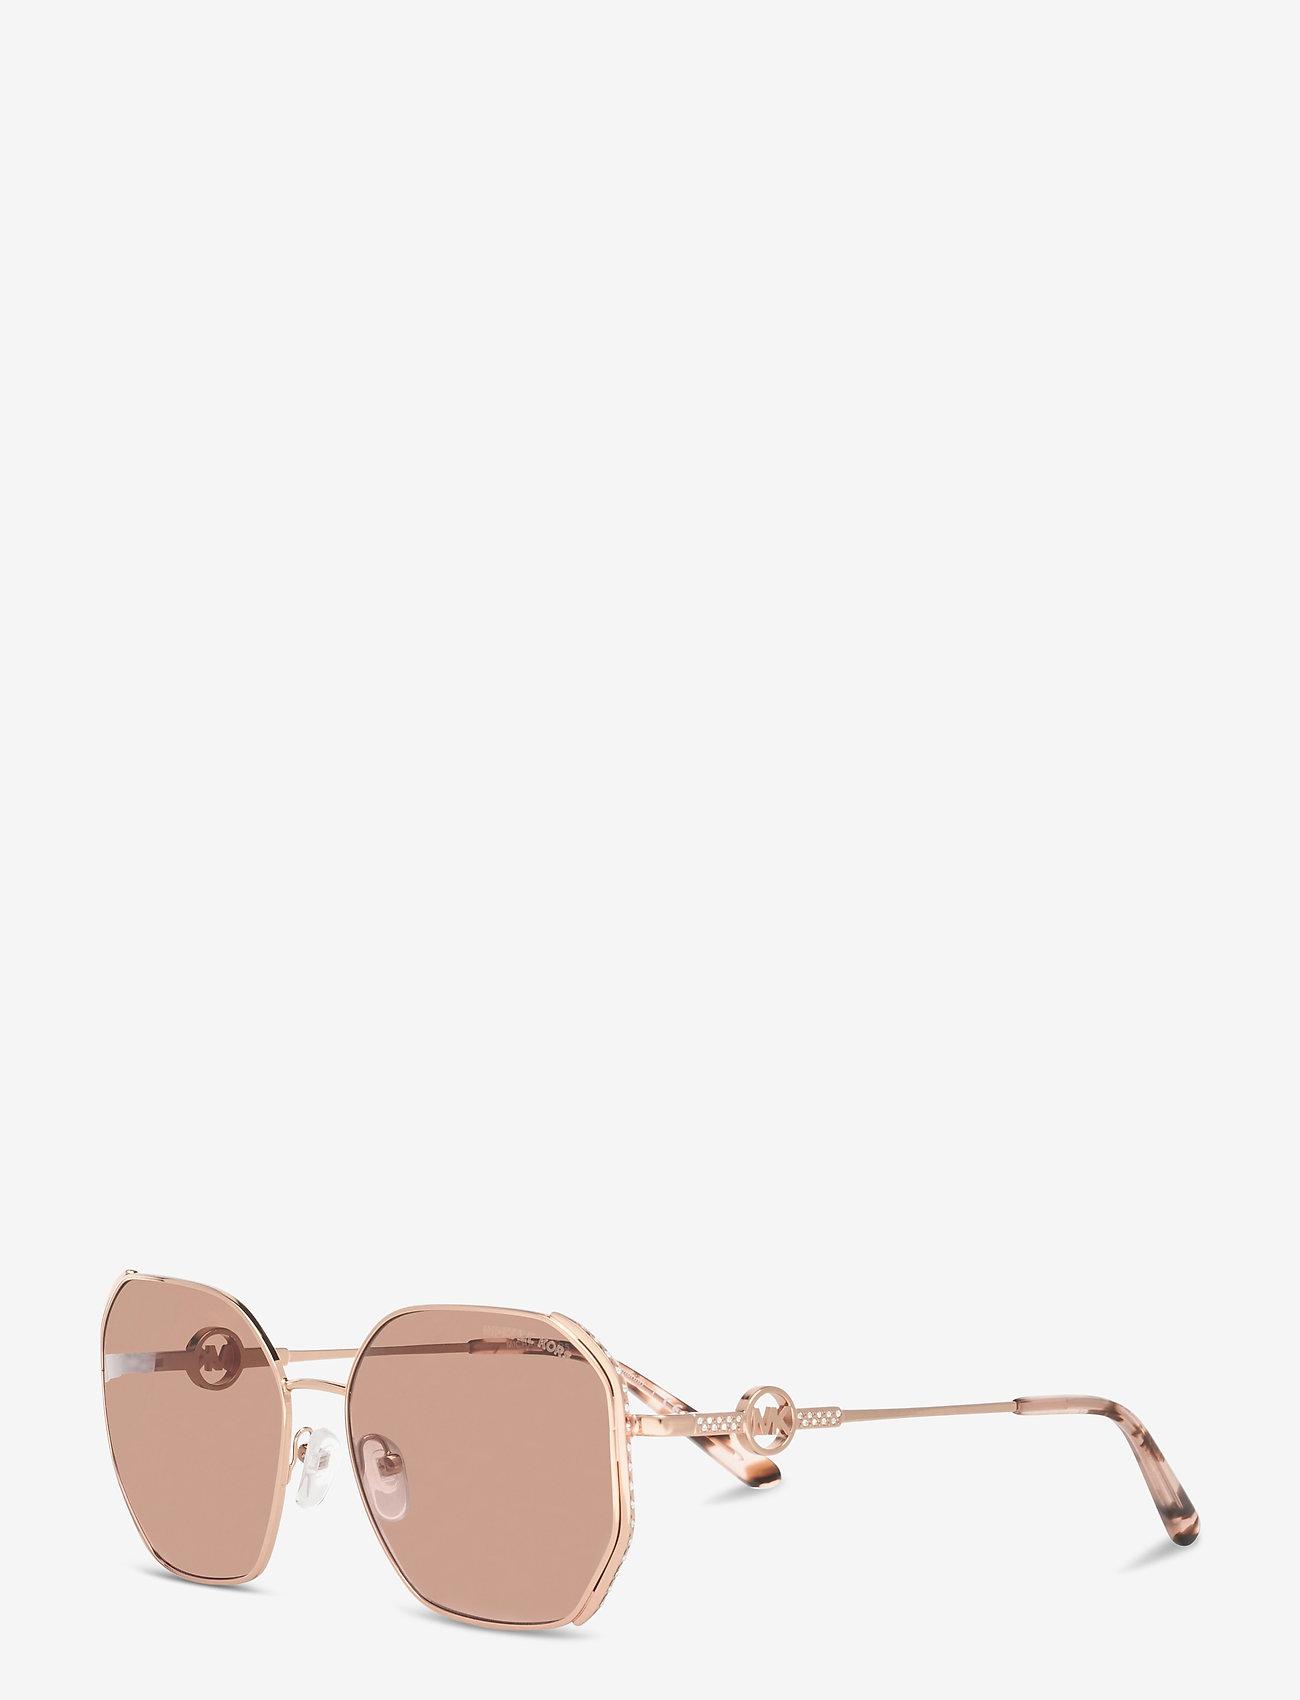 Michael Kors Sunglasses - SANTORINI - rechthoekig model - brown pink gradient - 1